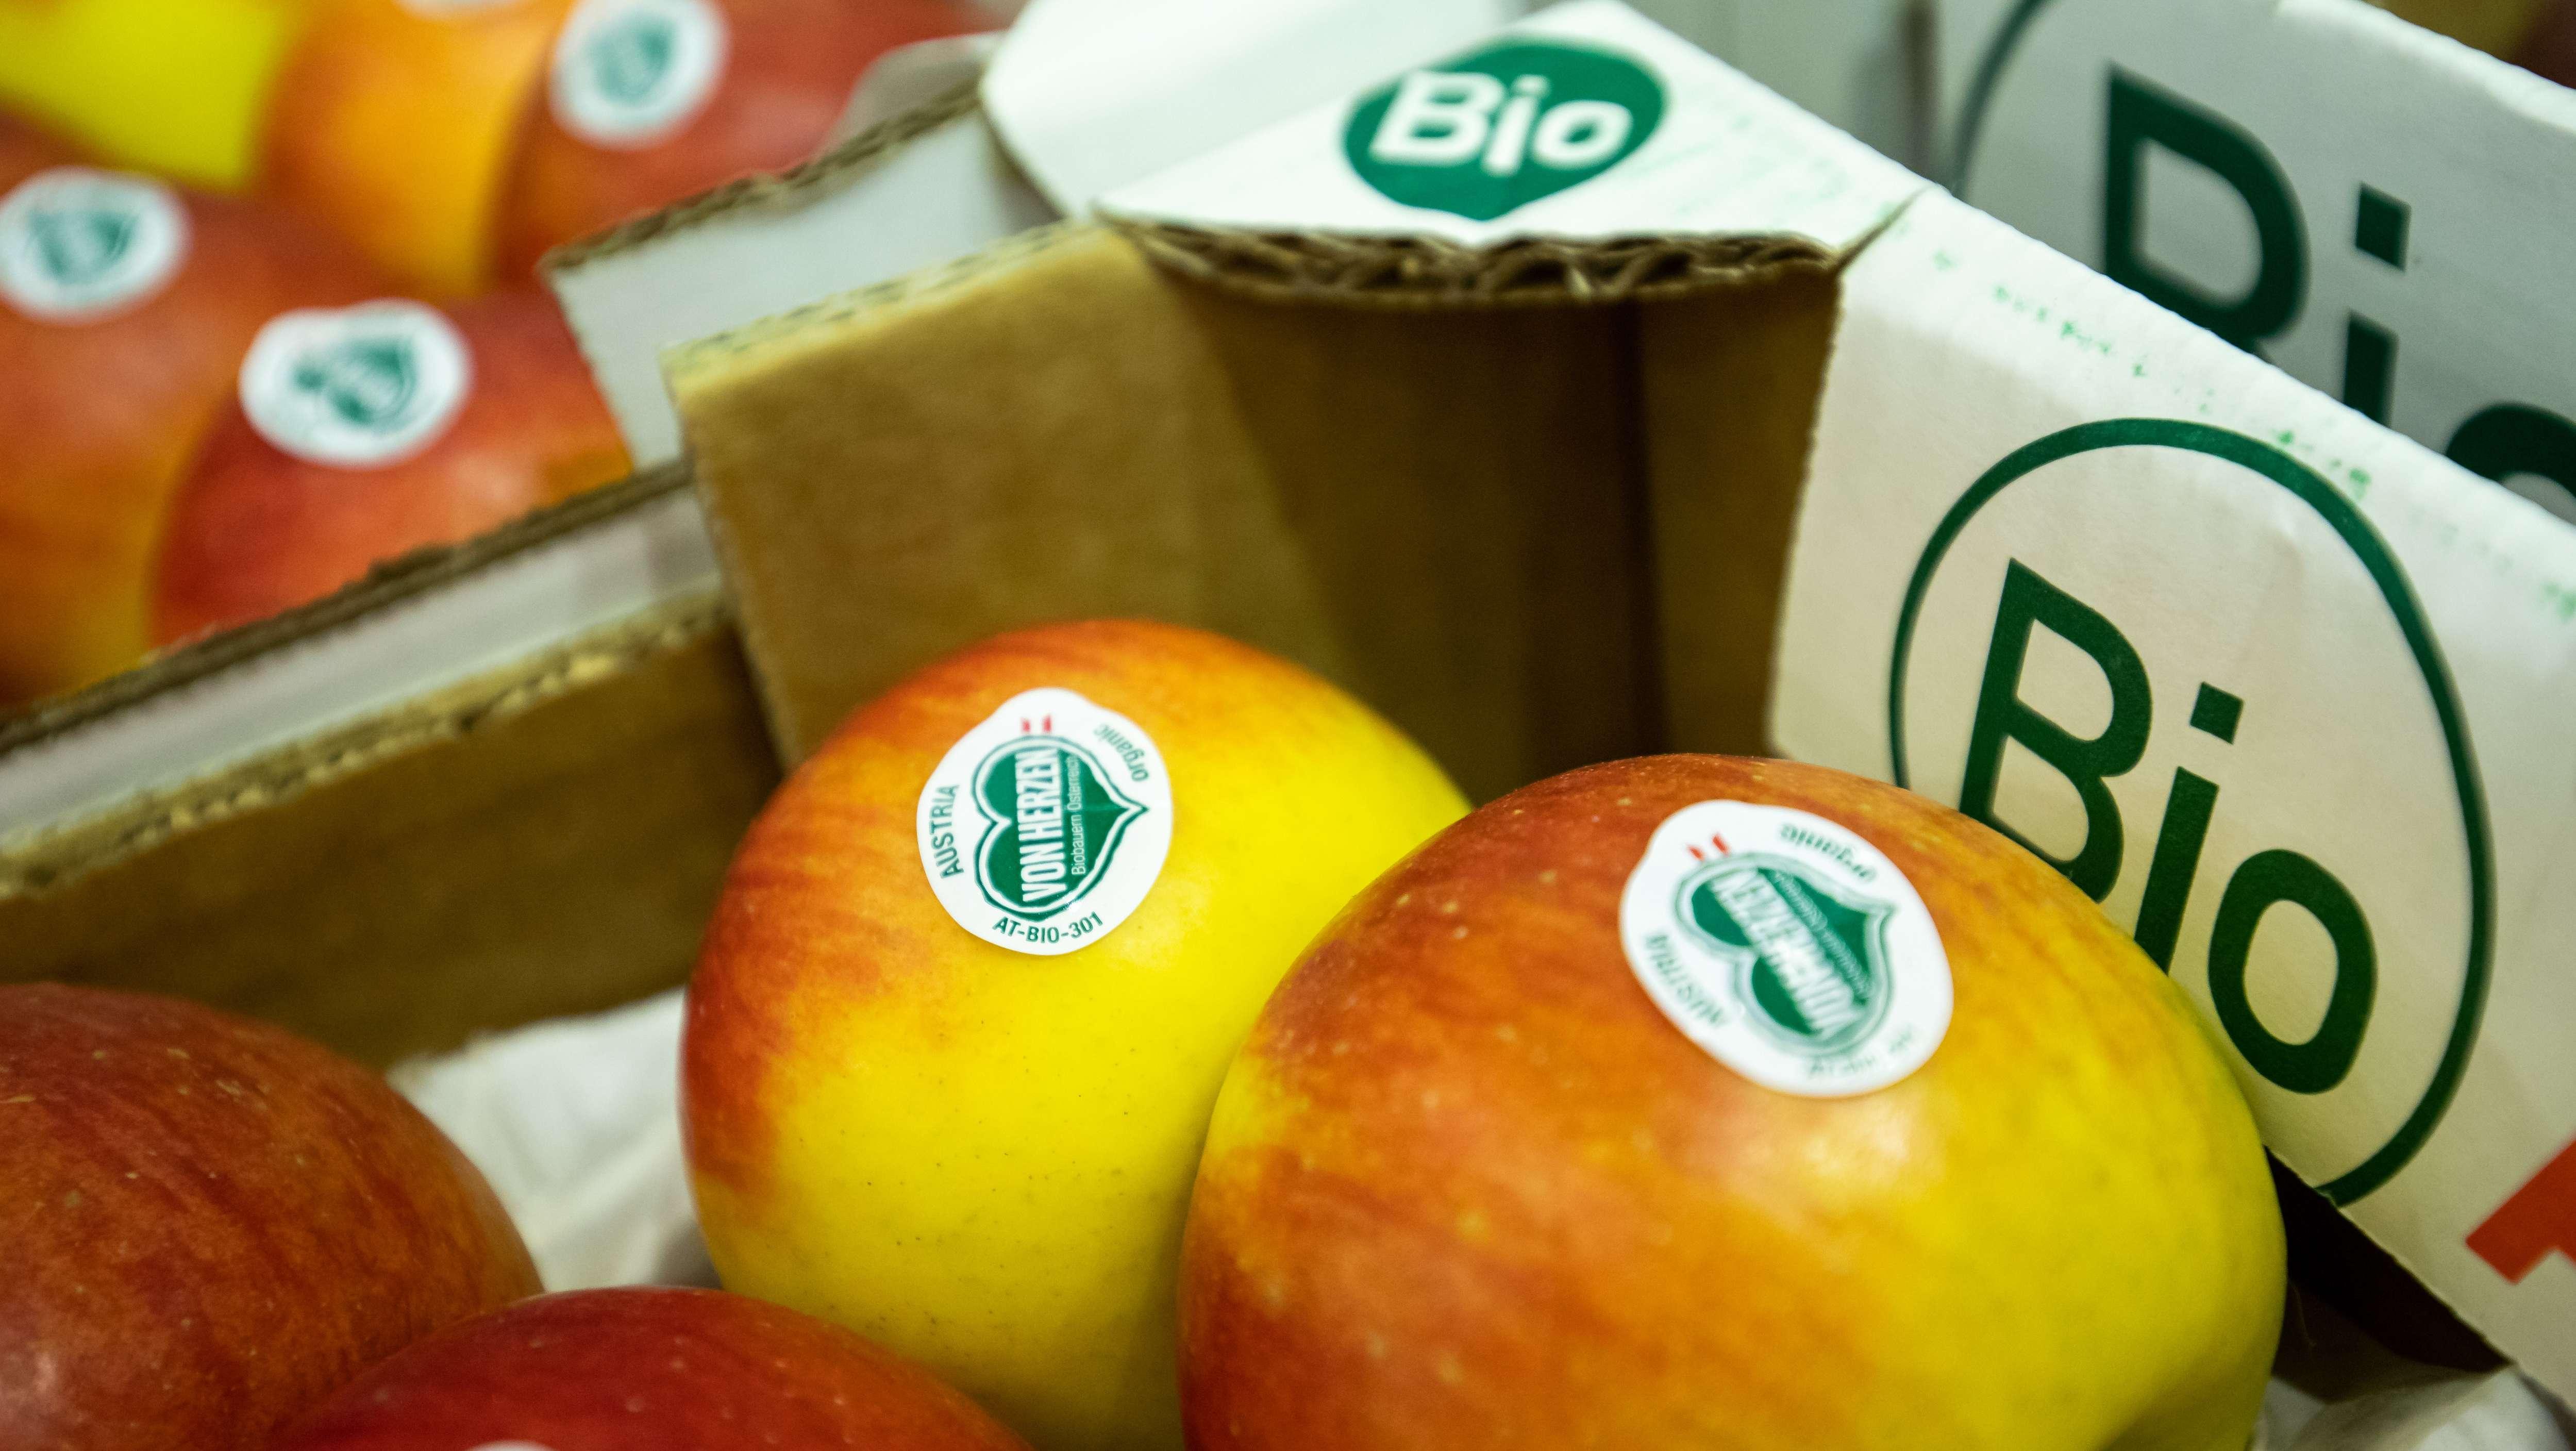 """Äpfel liegen in einer Kiste auf der """"Bio"""" steht. Die Äpfel haben herzförmige Aufkleber"""